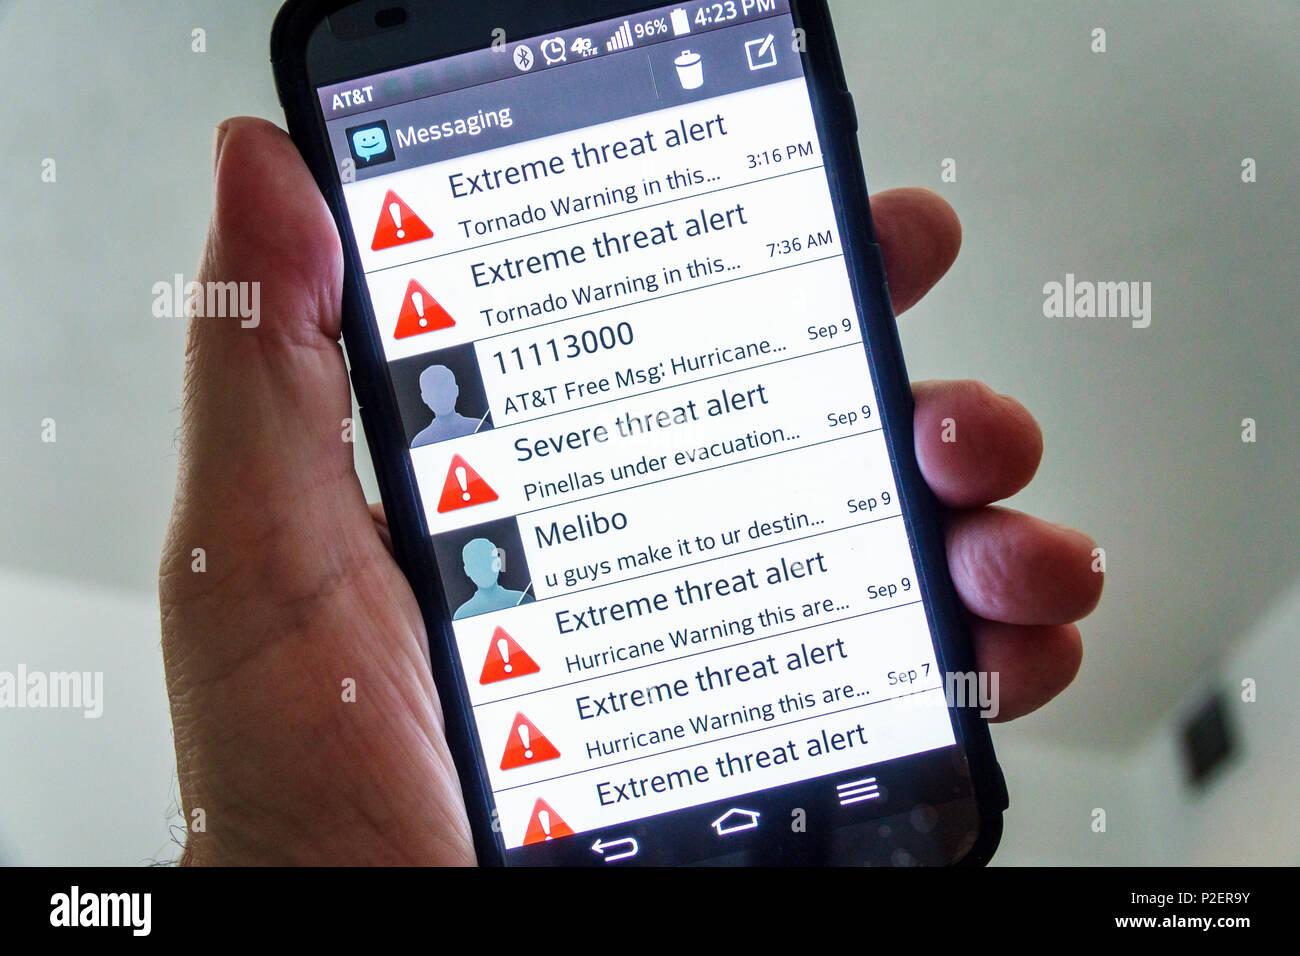 Florida Miami Beach smartphone telefono cellulare minaccia estrema alert Allarme uragano Irma allarme tornado rifugiarsi AT&T di messaggistica gratuito Immagini Stock